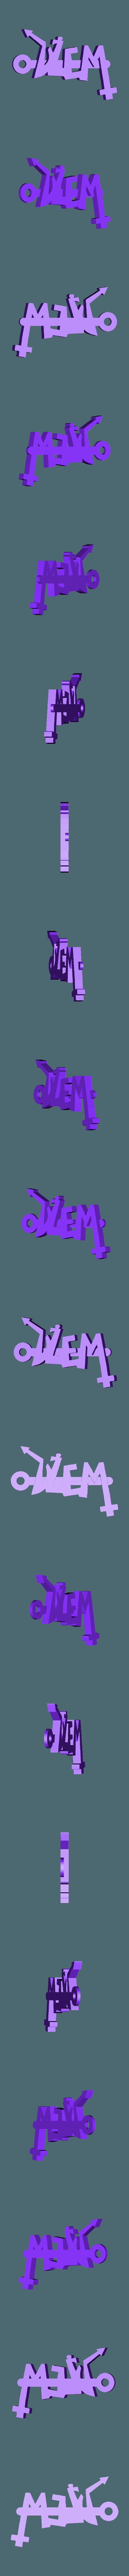 Dzem_Logo_Keychain_MCKO.stl Télécharger fichier STL gratuit Porte-clés avec logo Dzem • Design pour imprimante 3D, mcko